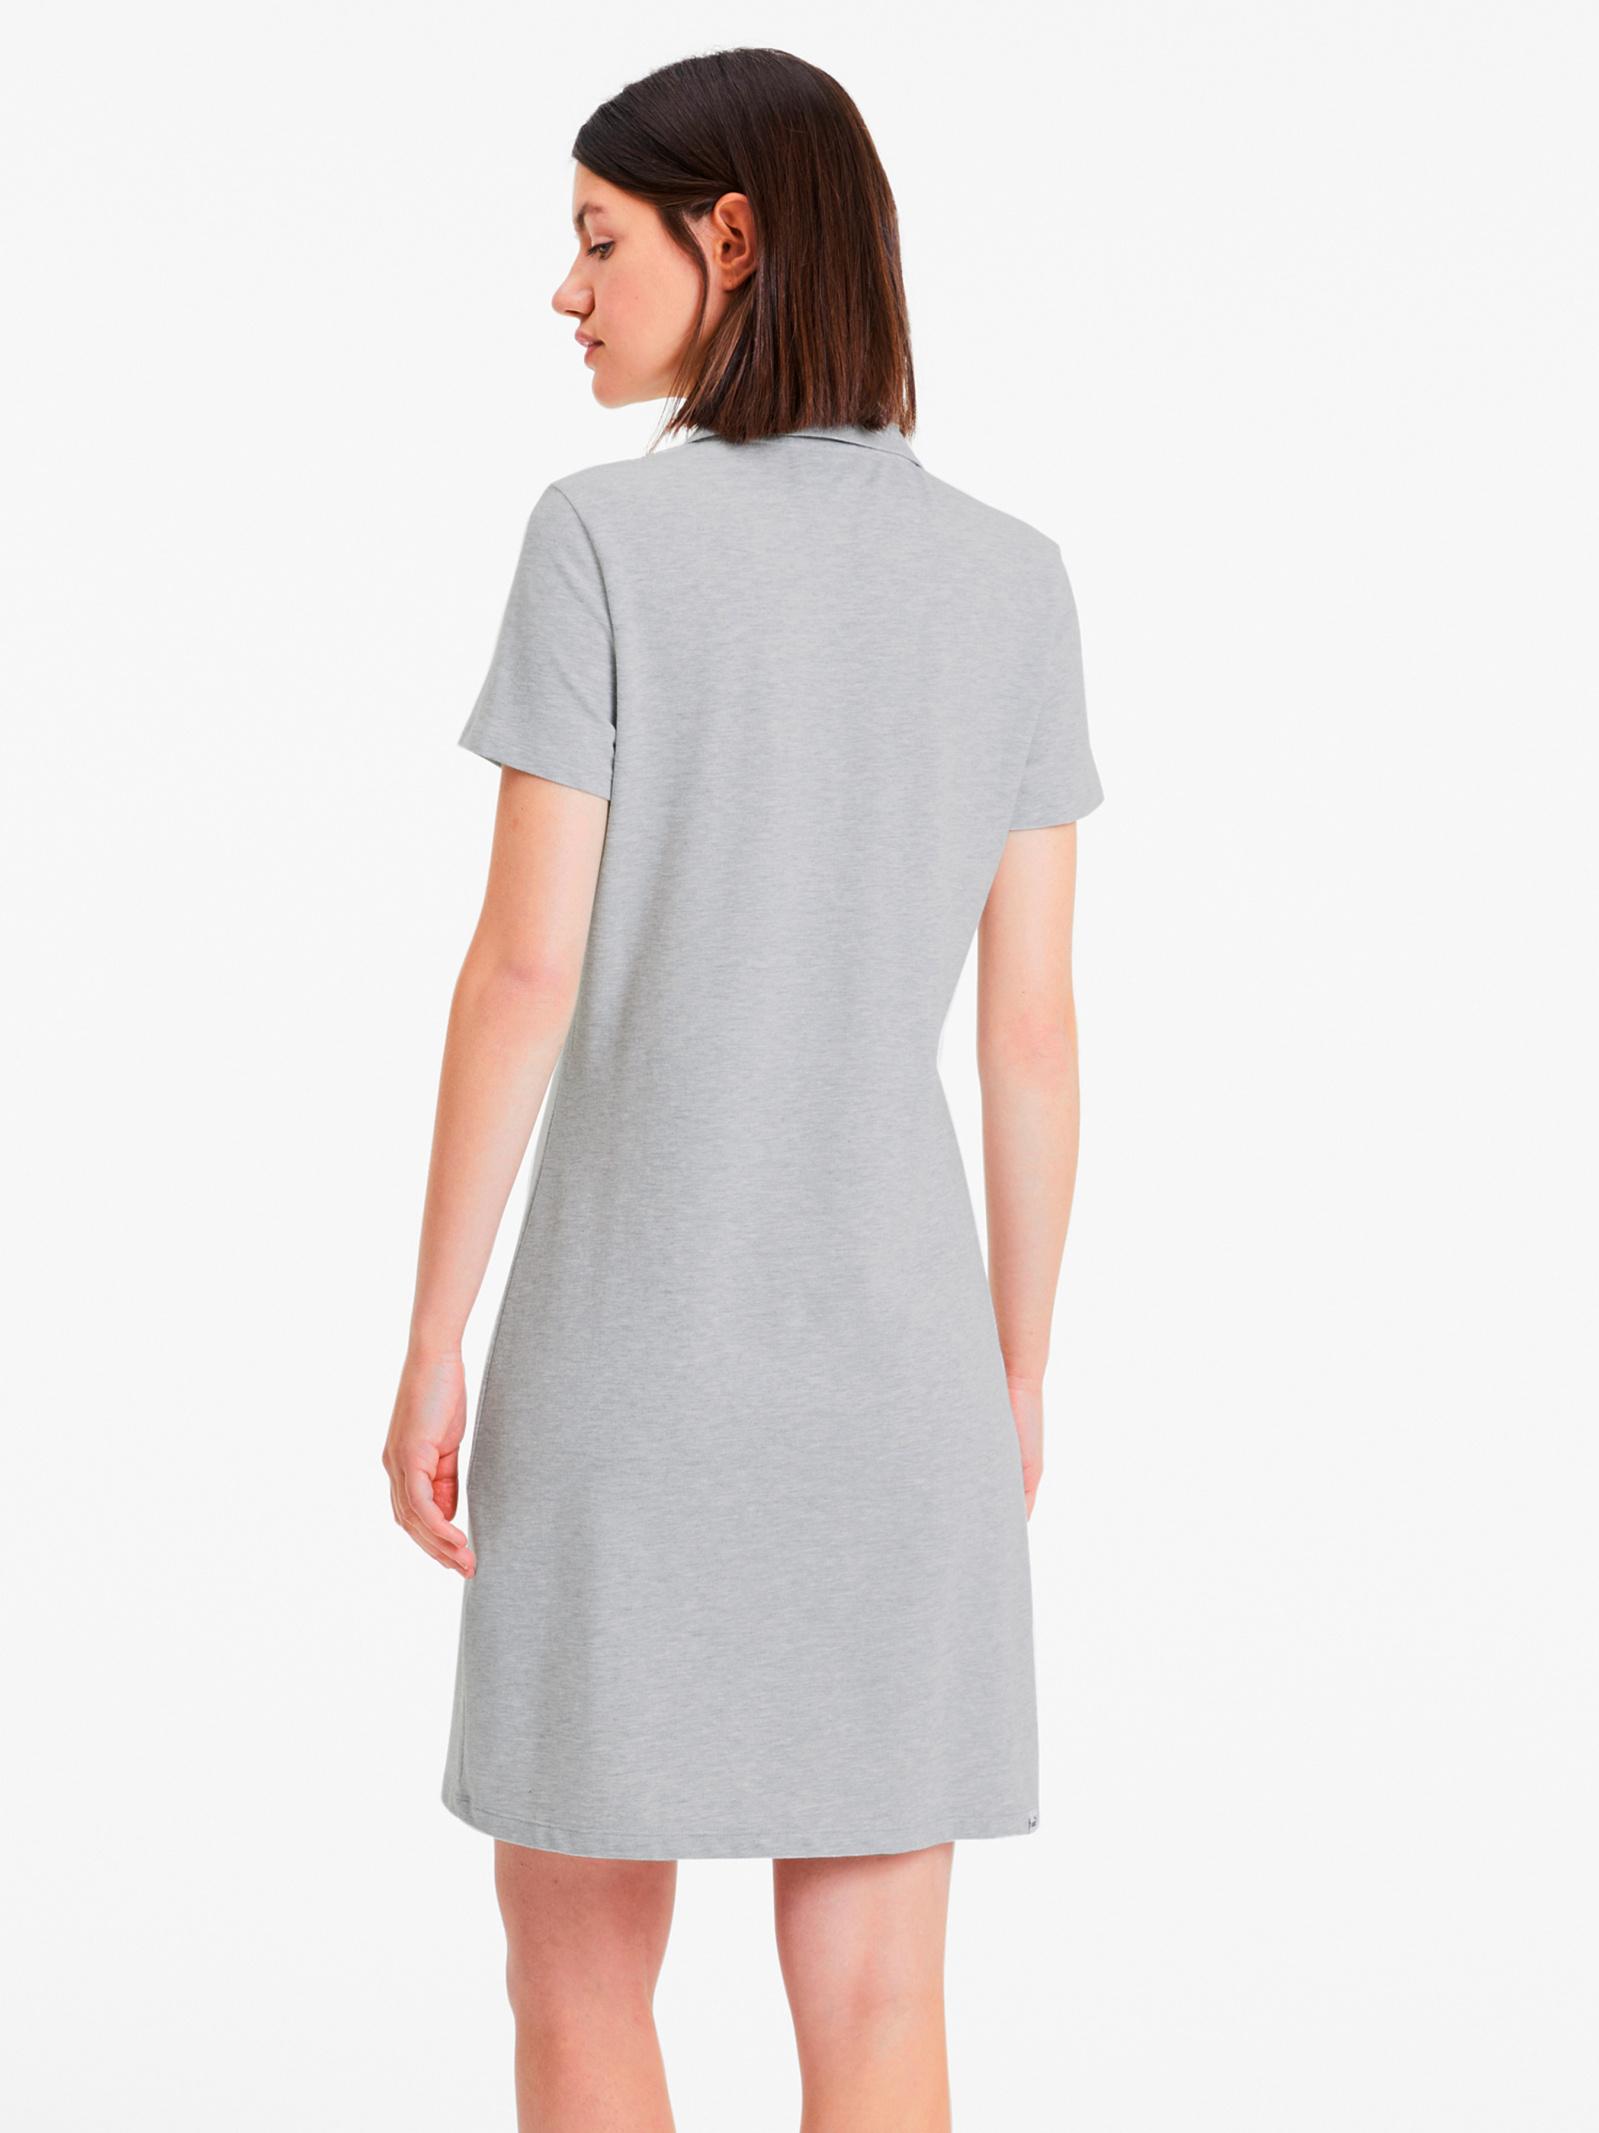 Платье женские PUMA модель 9Z192 отзывы, 2017